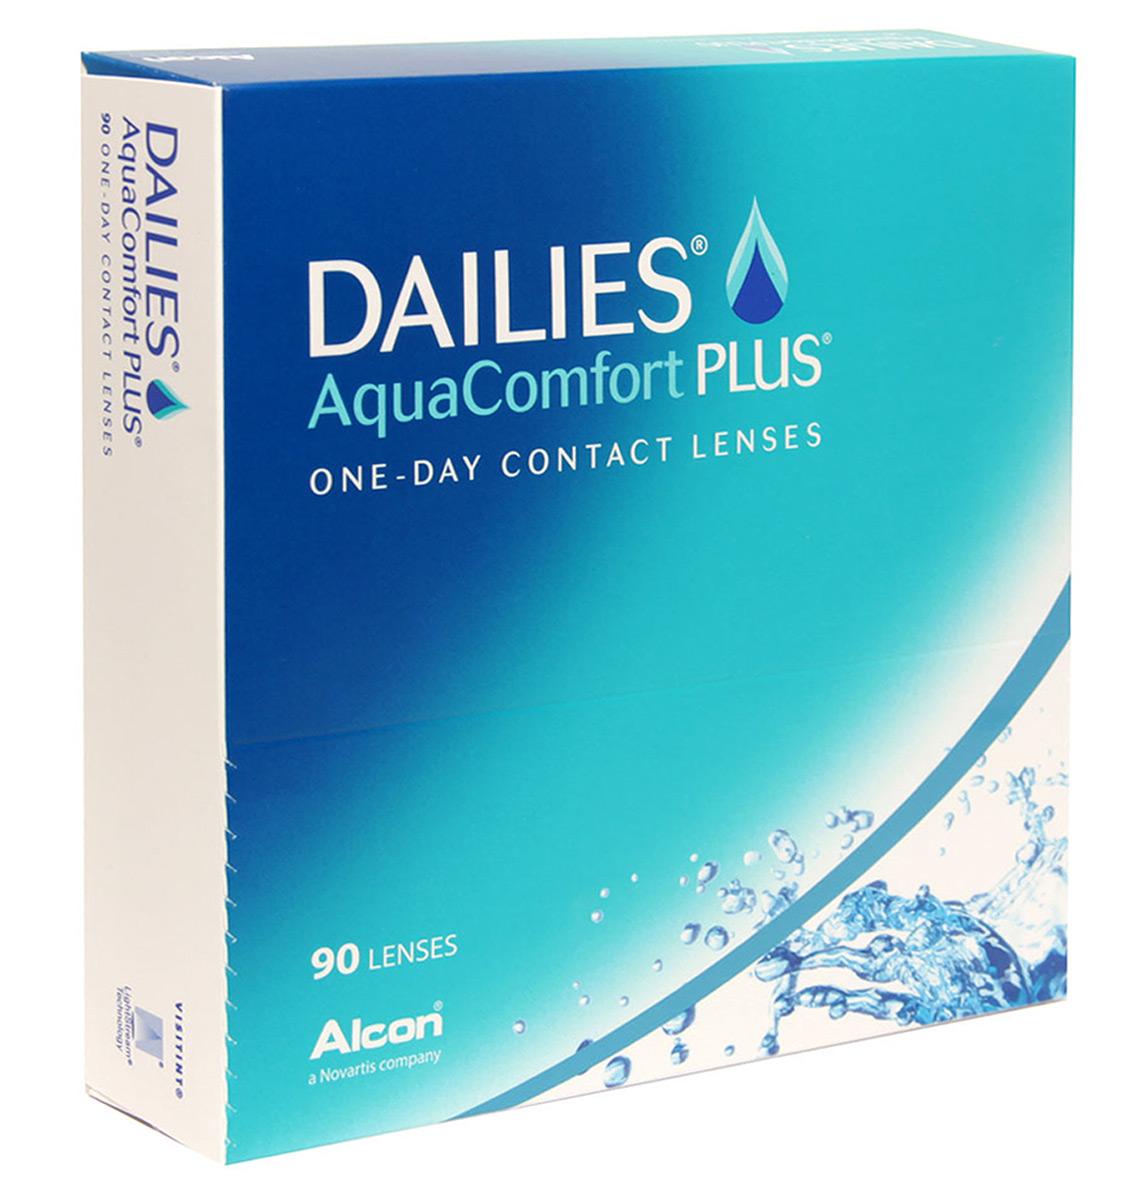 Alcon-CIBA Vision контактные линзы Dailies AquaComfort Plus (90шт / 8.7 / 14.0 / +1.00)38345Dailies Aqua Comfort Plus (90 блистеров) – это одни из самых популярных однодневных линз производства компании CIBA VISION. Эти линзы пользуются огромной популярностью во всем мире и являются на сегодняшний день самыми безопасными контактными линзами. Изготавливаются линзы из современного, 100% безопасного материала нелфилкон А. Особенность этого материала в том, что он легко пропускает воздух и хорошо сохраняет влагу. Однодневные контактные линзы Dailies Aqua Comfort Plus не нуждаются в дополнительном уходе и затратах, каждый день вы надеваете свежую пару линз. Дизайн линзы биосовместимый, что гарантирует безупречный комфорт. Самое главное достоинство Dailies Aqua Comfort Plus – это их уникальная система увлажнения. Благодаря этой разработке линзы увлажняются тремя различными агентами. Первый компонент, ухаживающий за линзами, находится в растворе, он как бы обволакивает линзу, обеспечивая чрезвычайно комфортное надевание. Второй агент выделяется на протяжении всего дня, он...